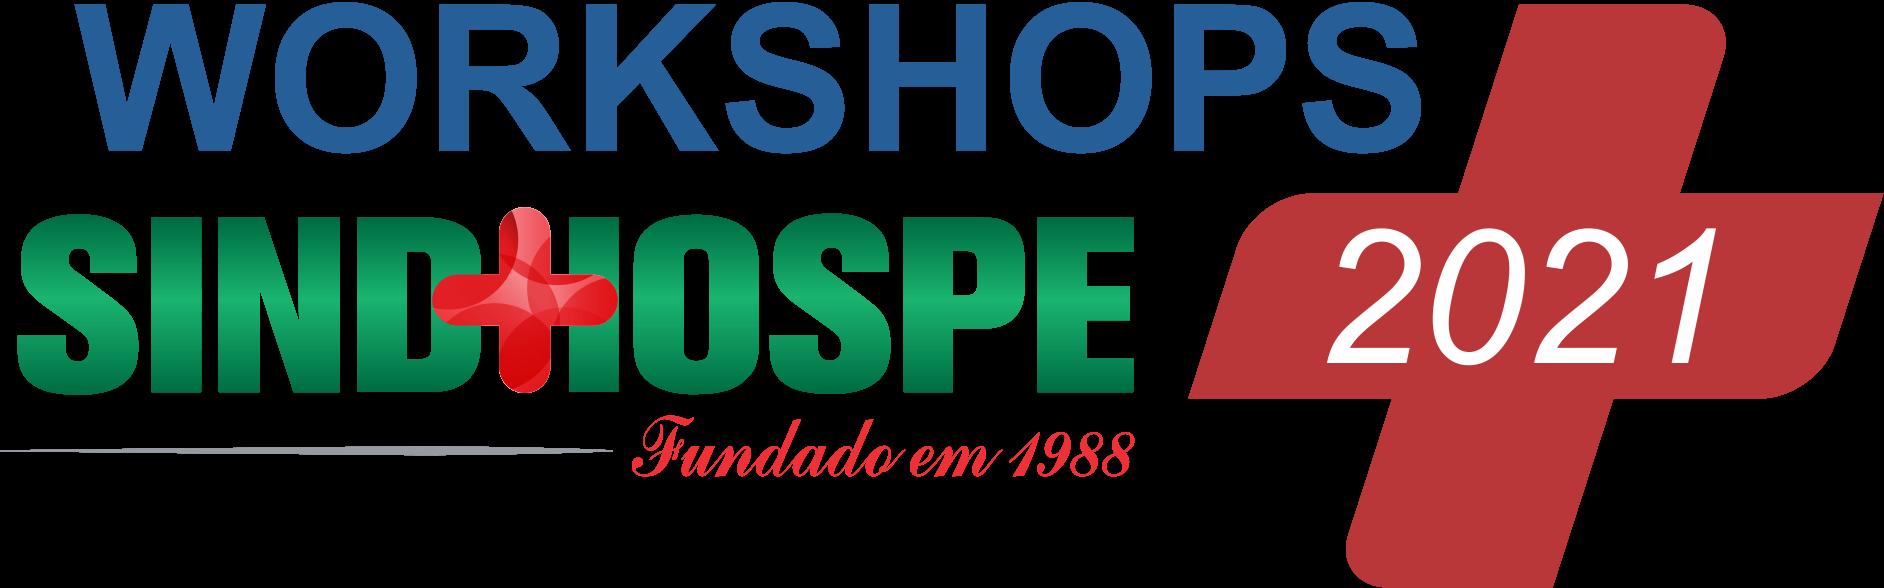 Workshops 2021